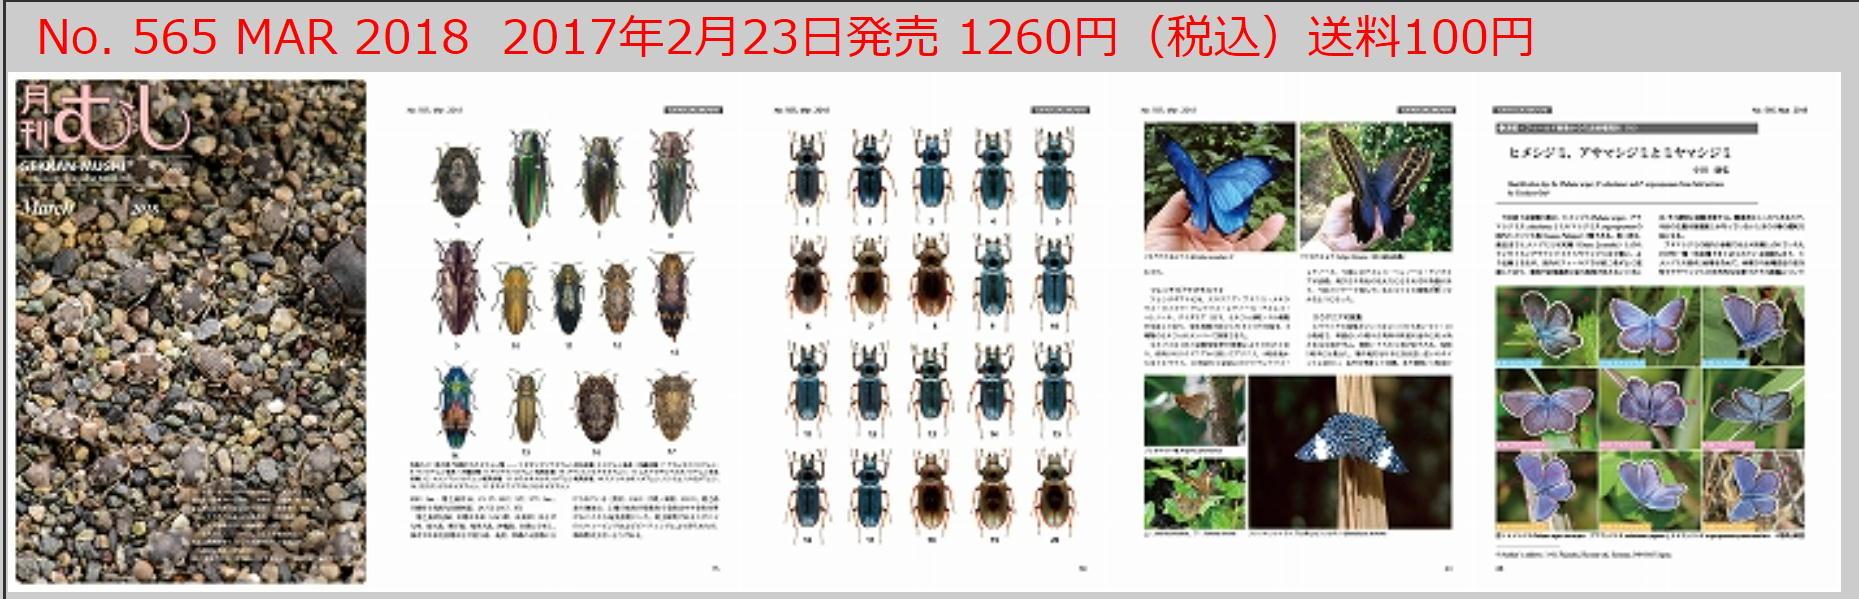 近縁種(16)と春のつどいの案内_a0146869_08292363.jpg